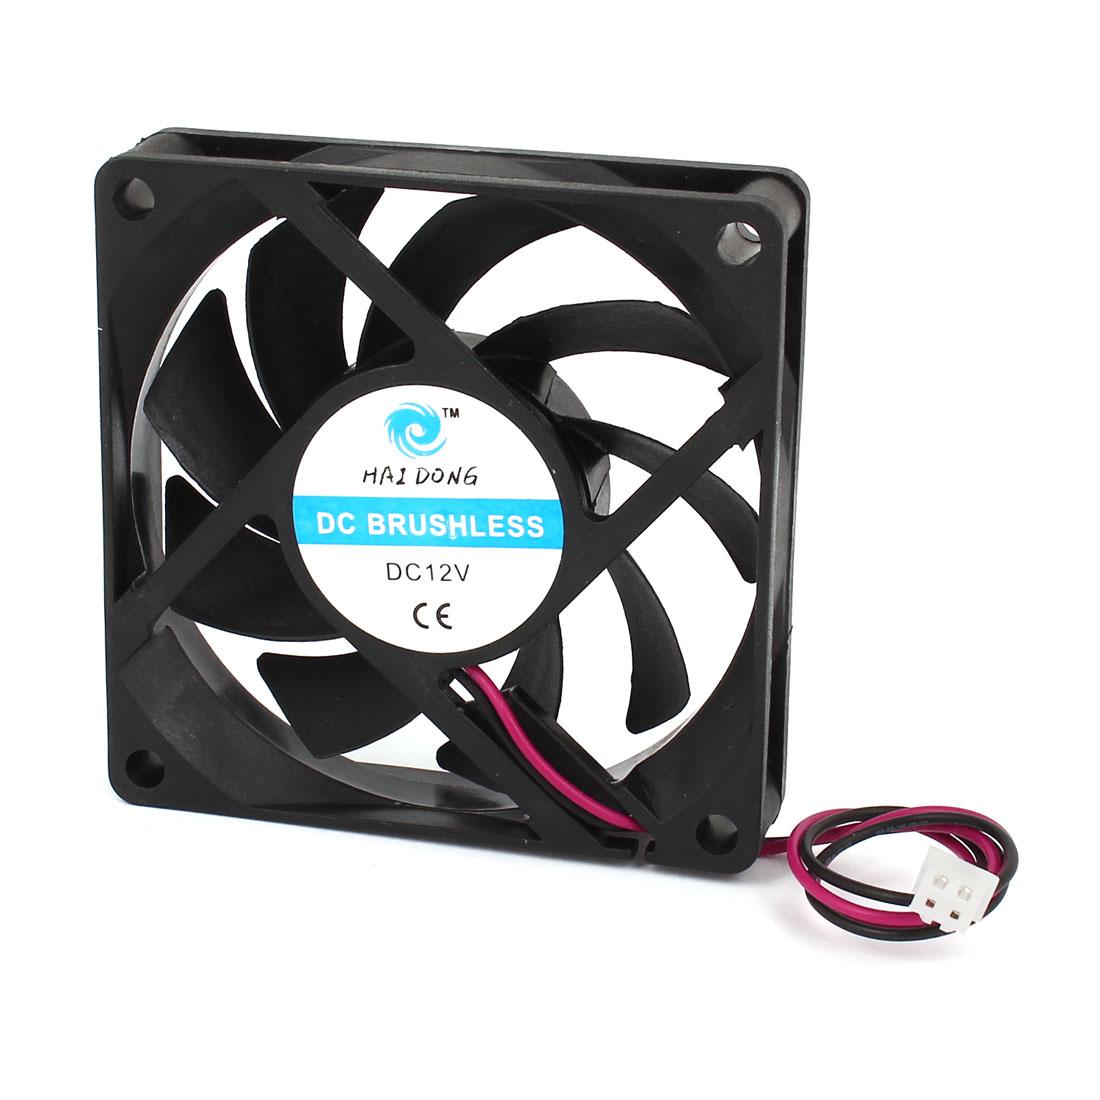 70mm x 15mm DC12V Computer Case Brushless Cooling Fan Black